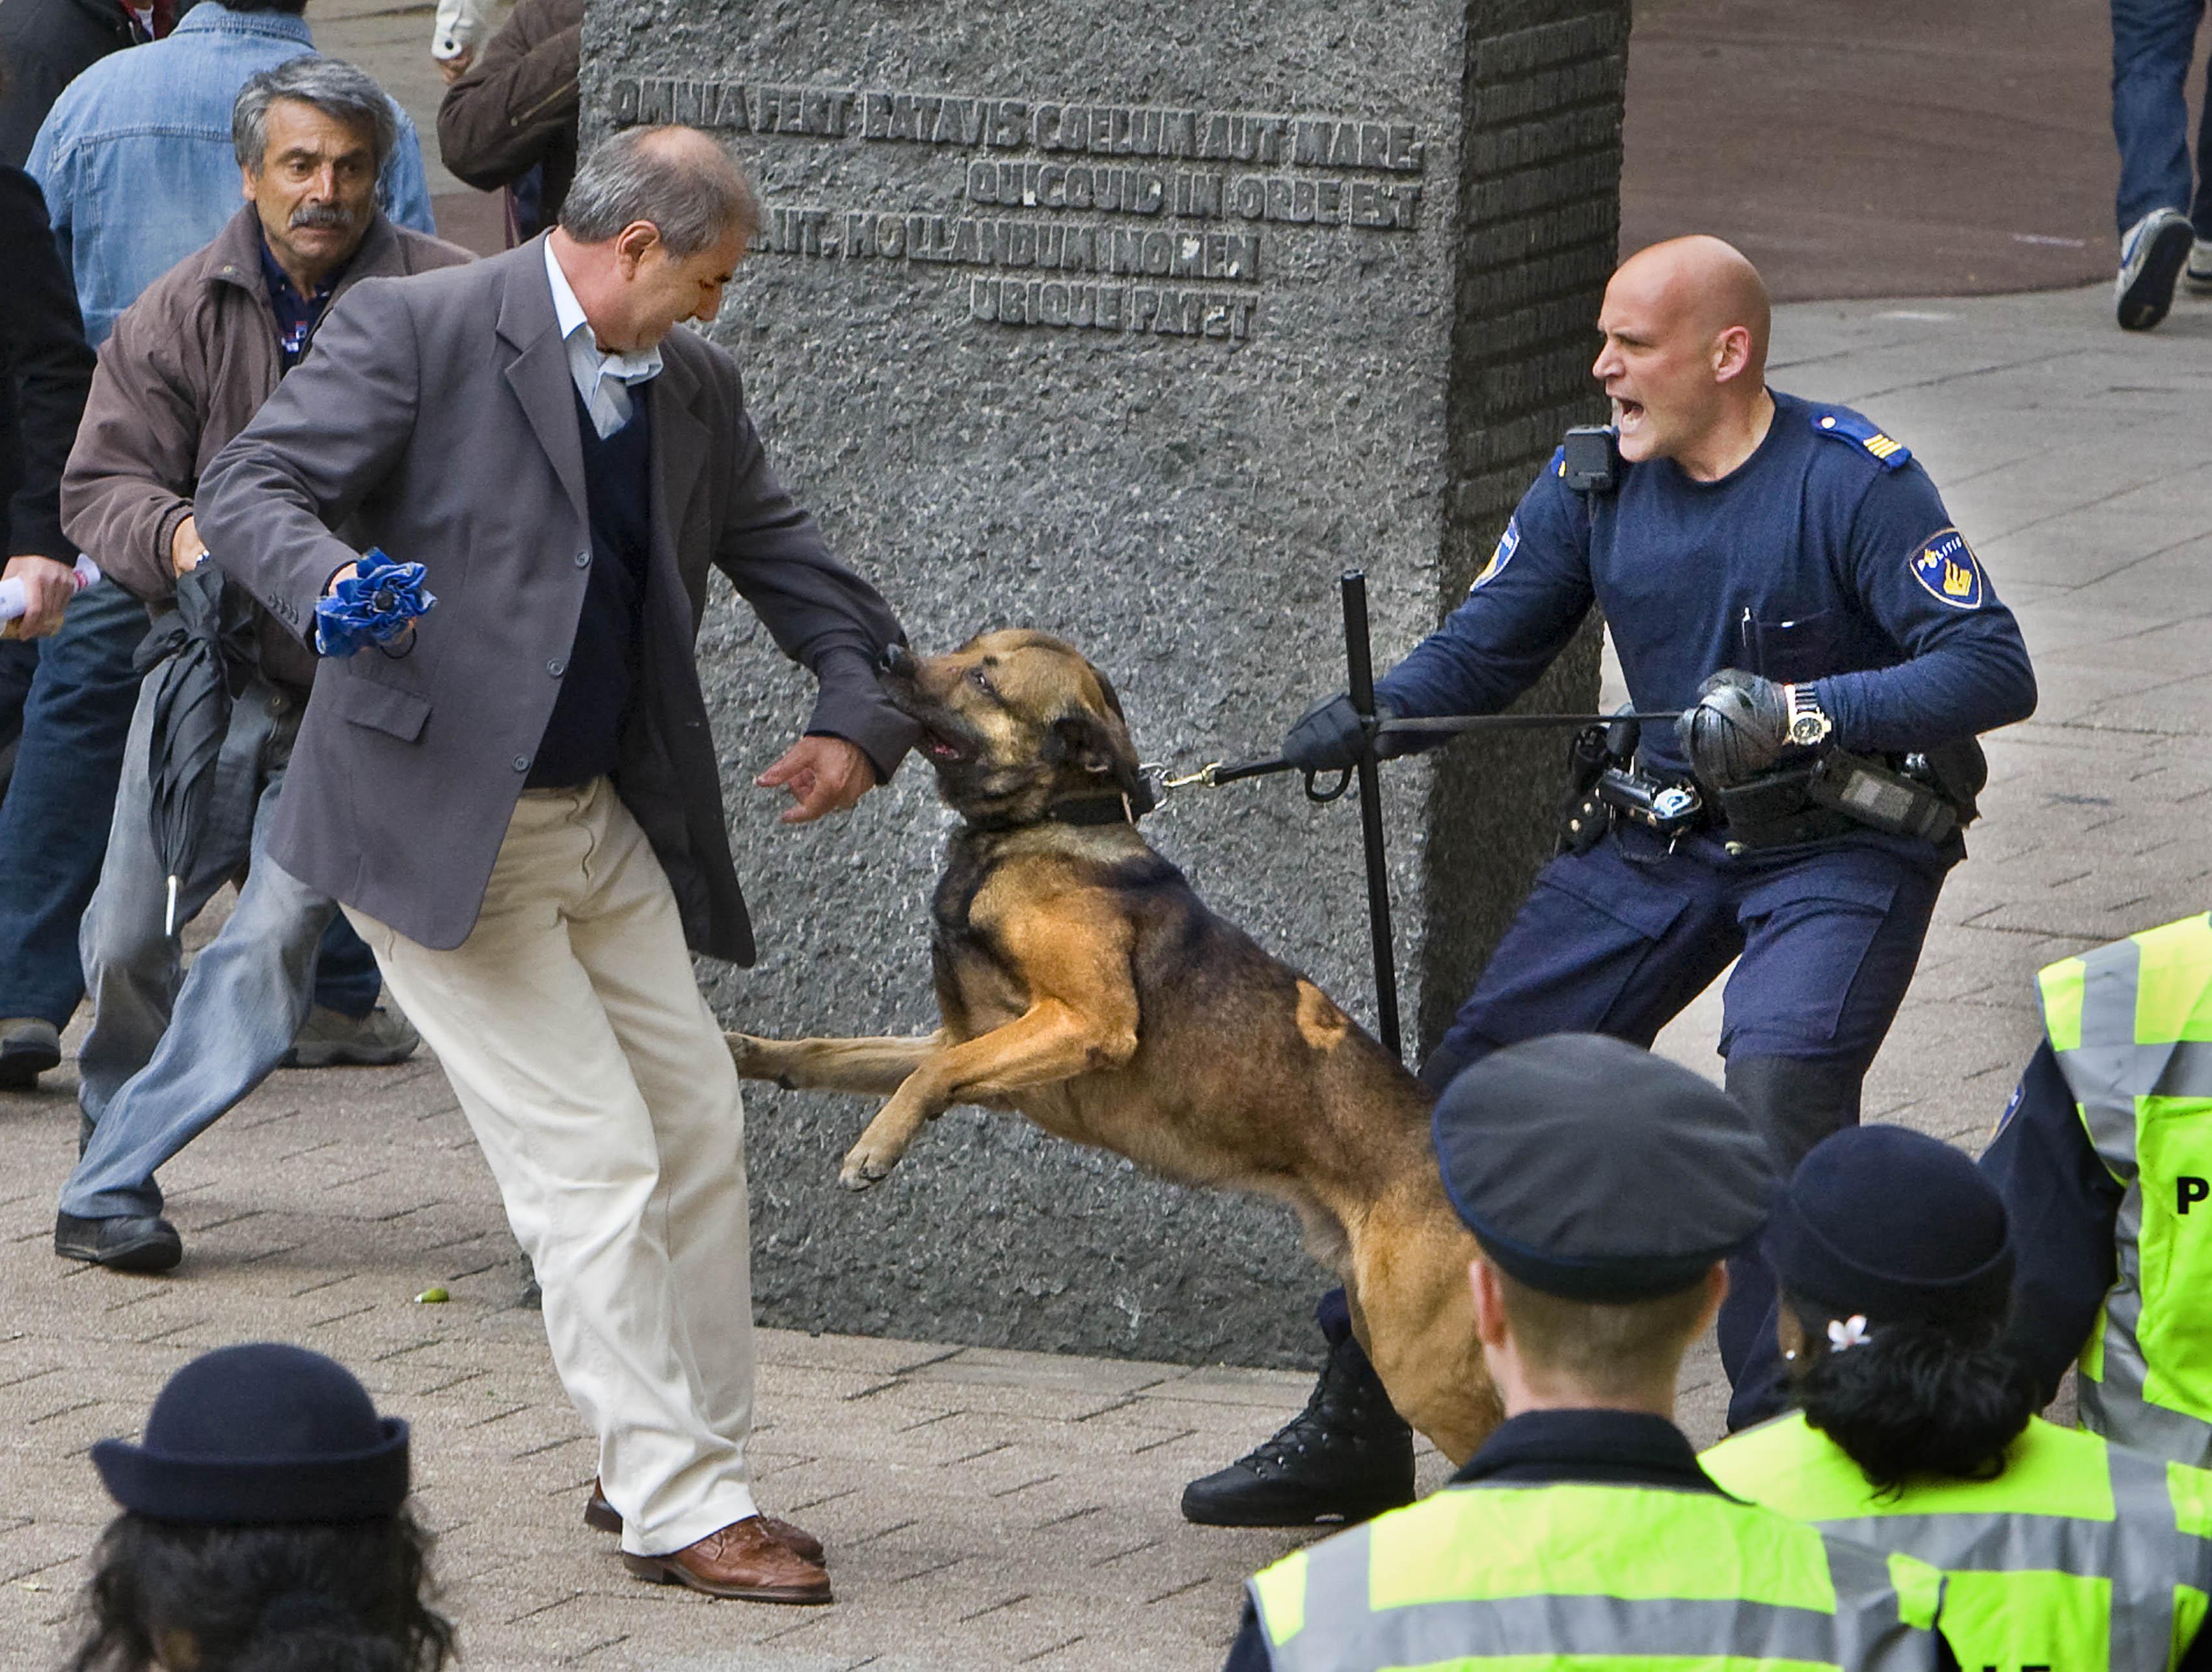 Stel dat een politiehond z'n tanden in je zet en niet wil loslaten... Ben je dan nog tegen het gebruik van de stroomhalsband?